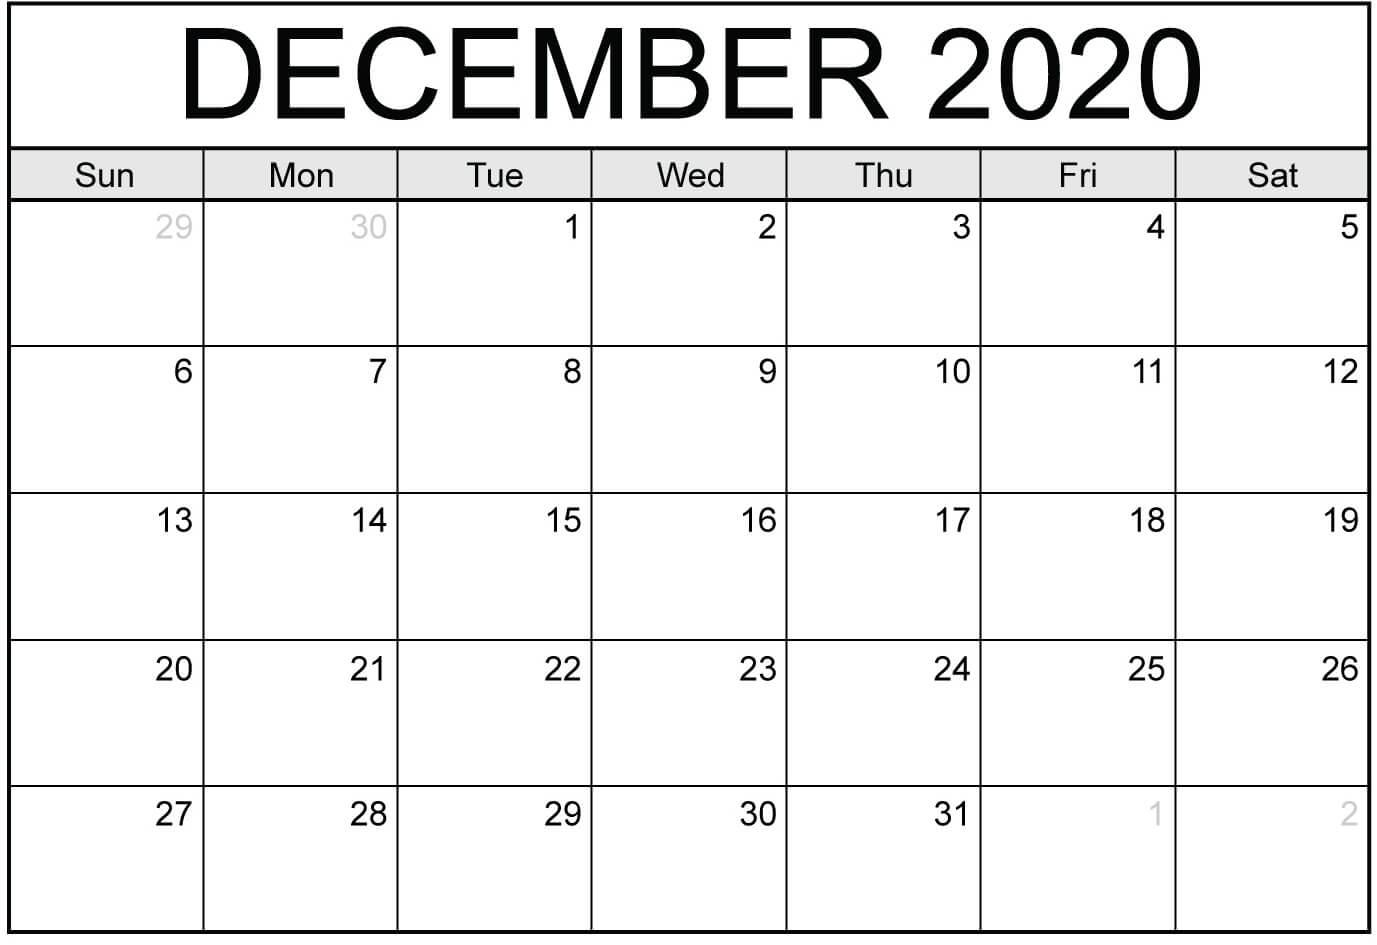 December 2020 Calendar Editable